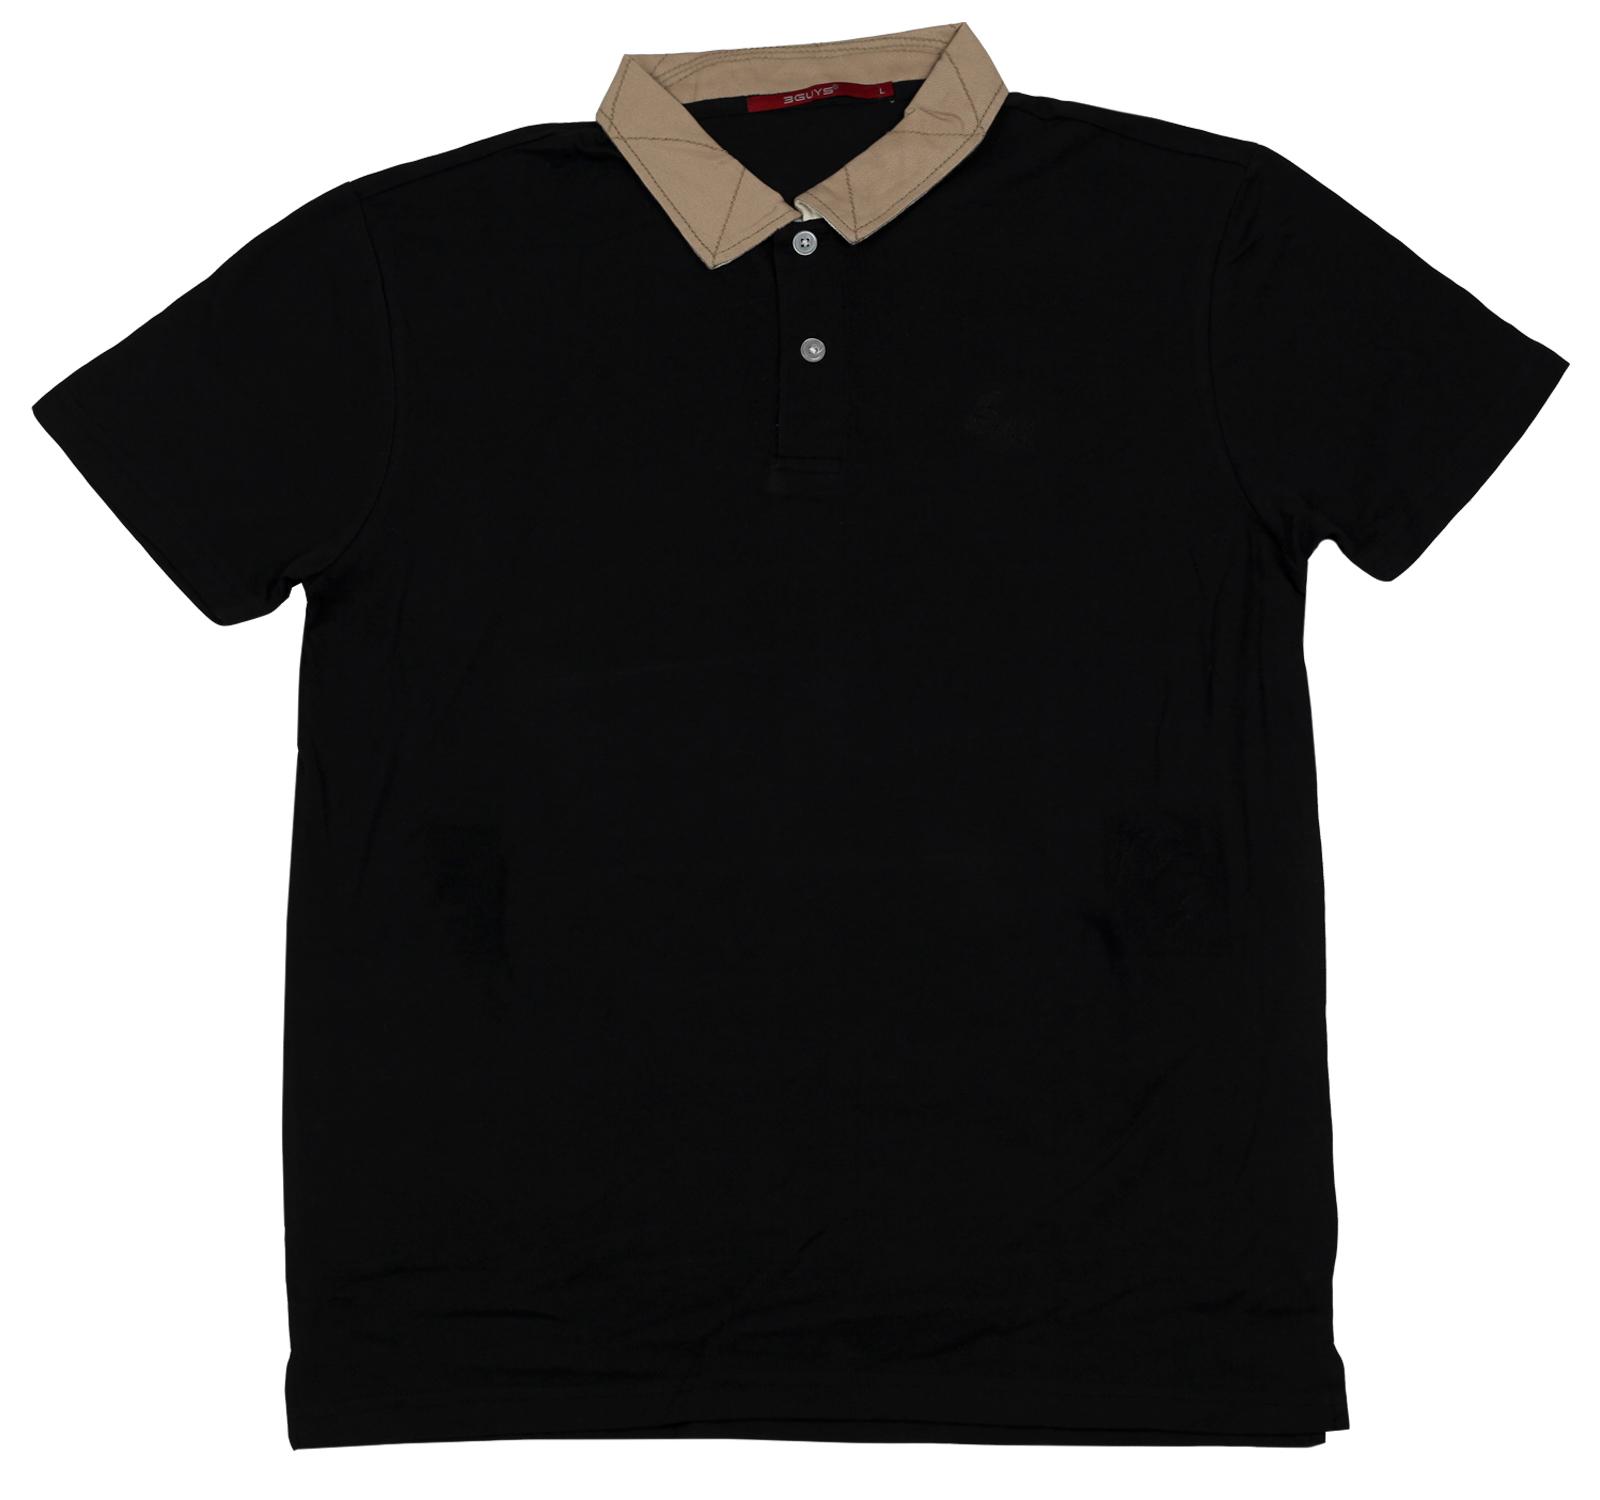 Черная футболка-поло Guys - лаконичный вариант на все случаи жизни